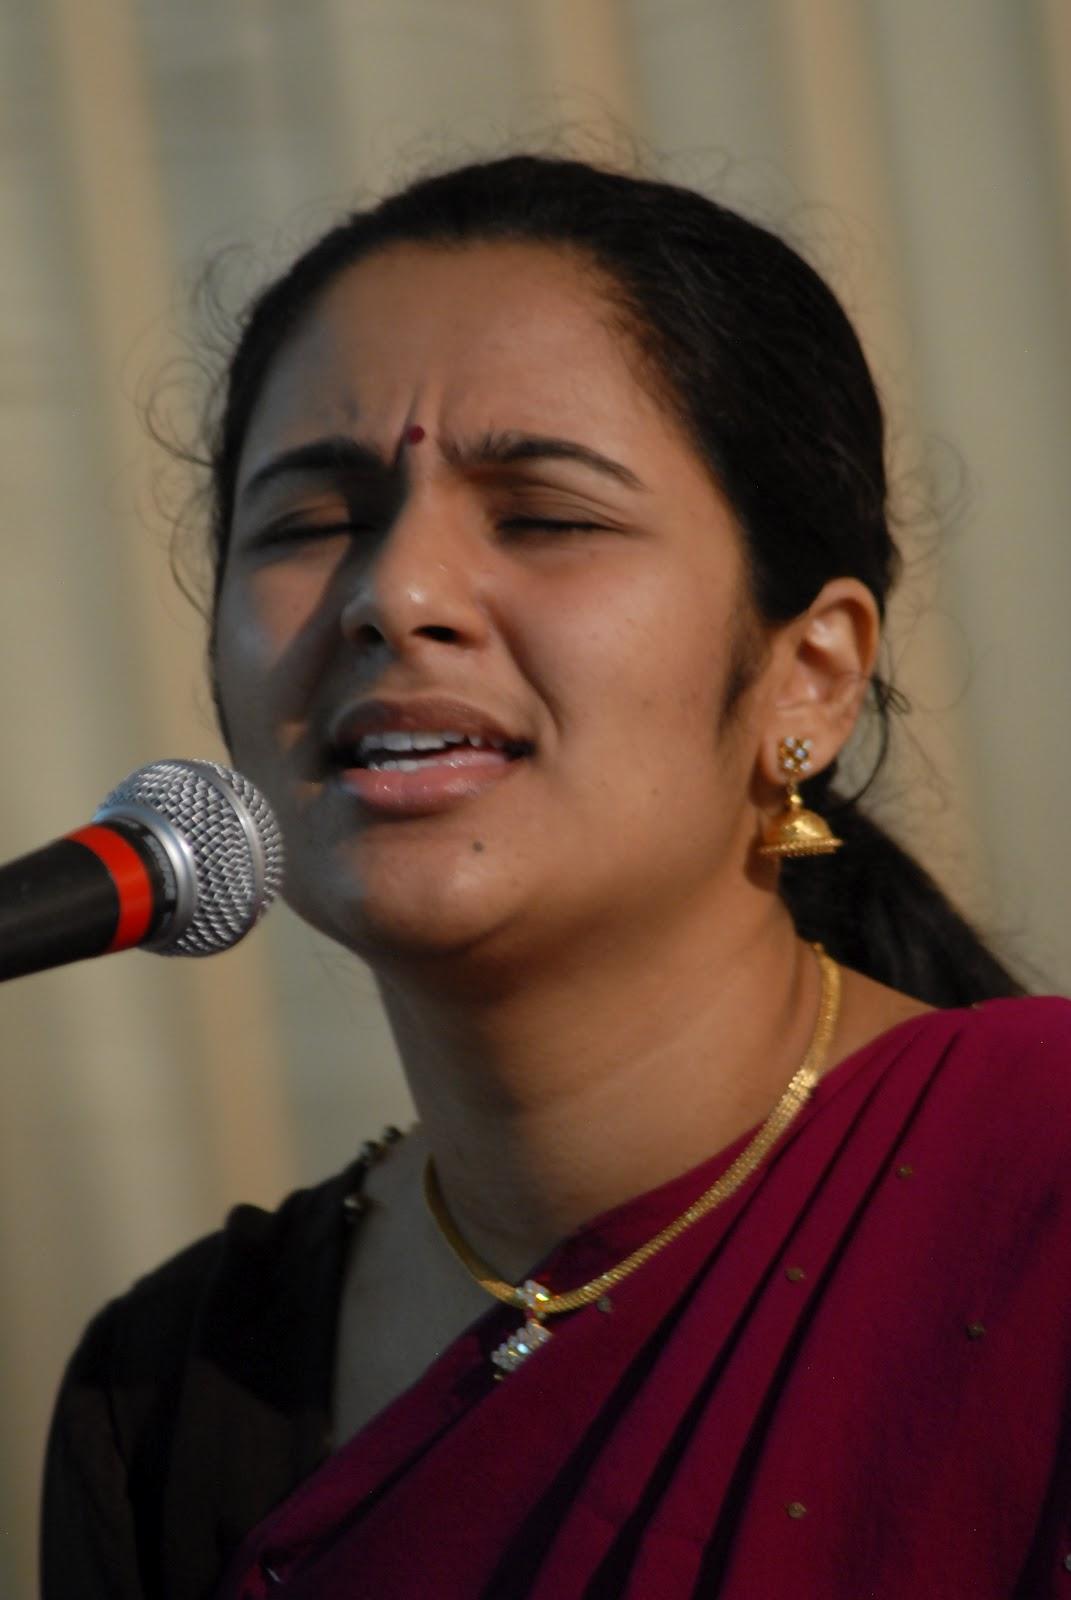 Forum on this topic: Heather Matarazzo, neha-lakshmi-iyer-2012/